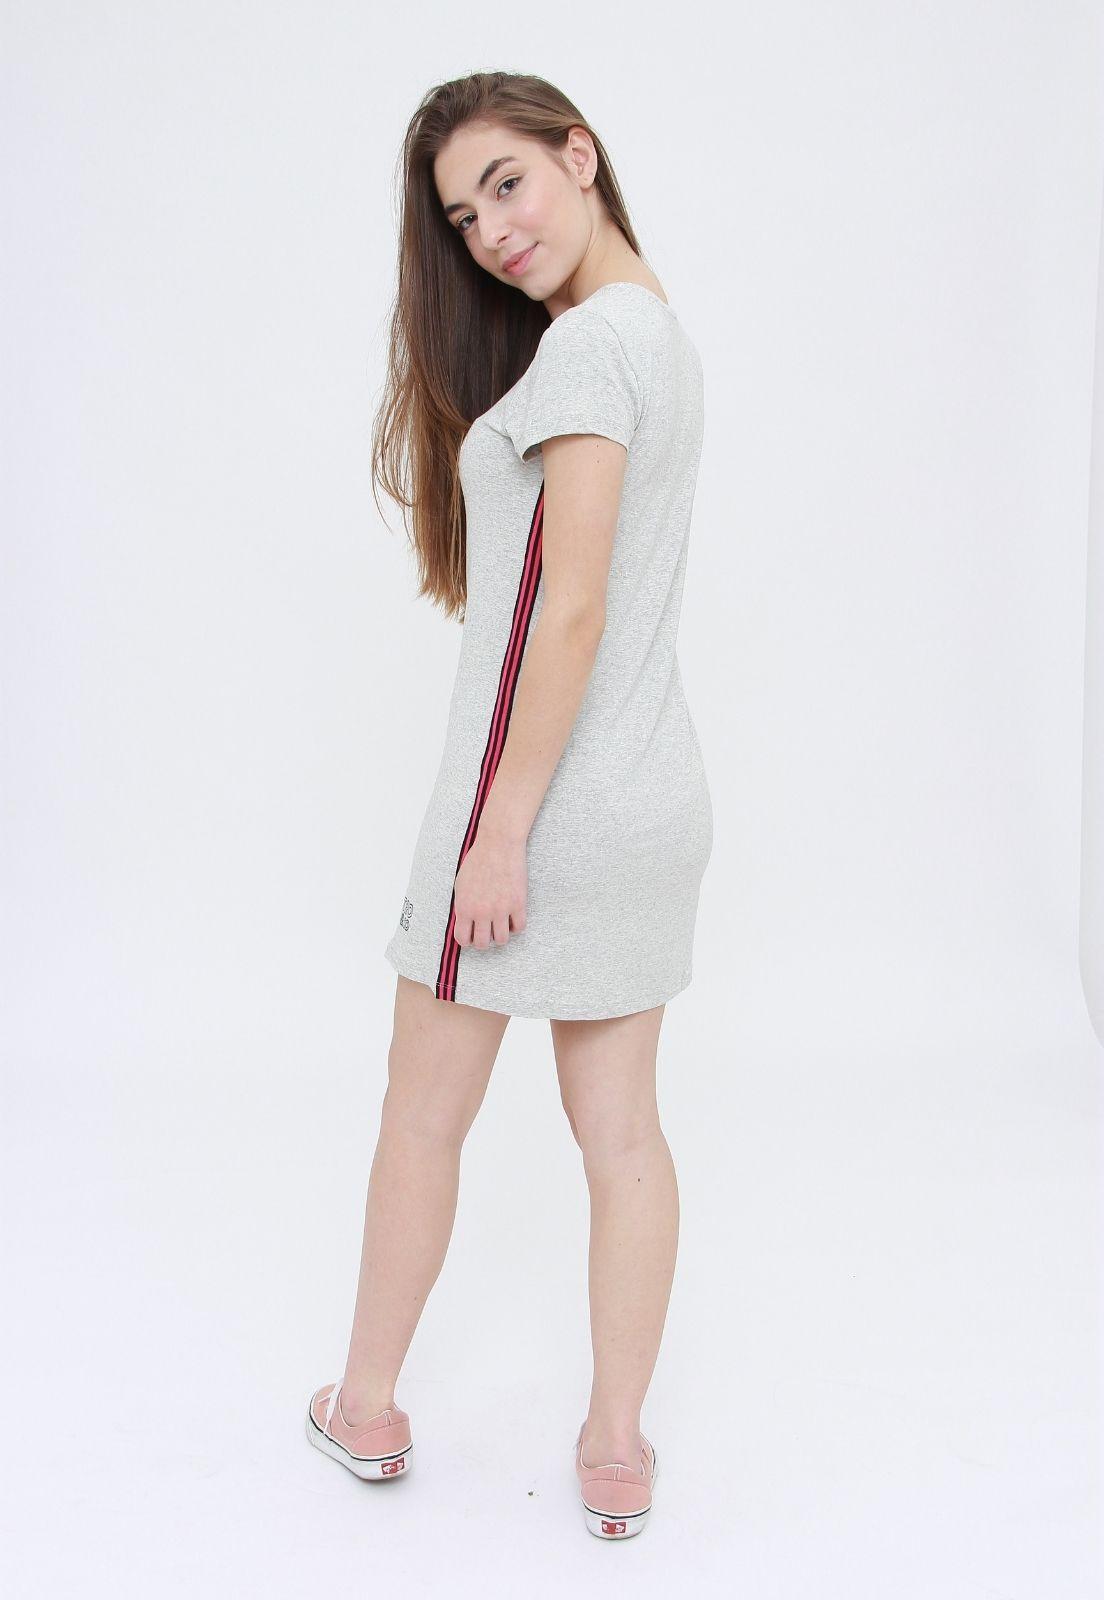 Vestido Tee Cinza  - Metro & Co.